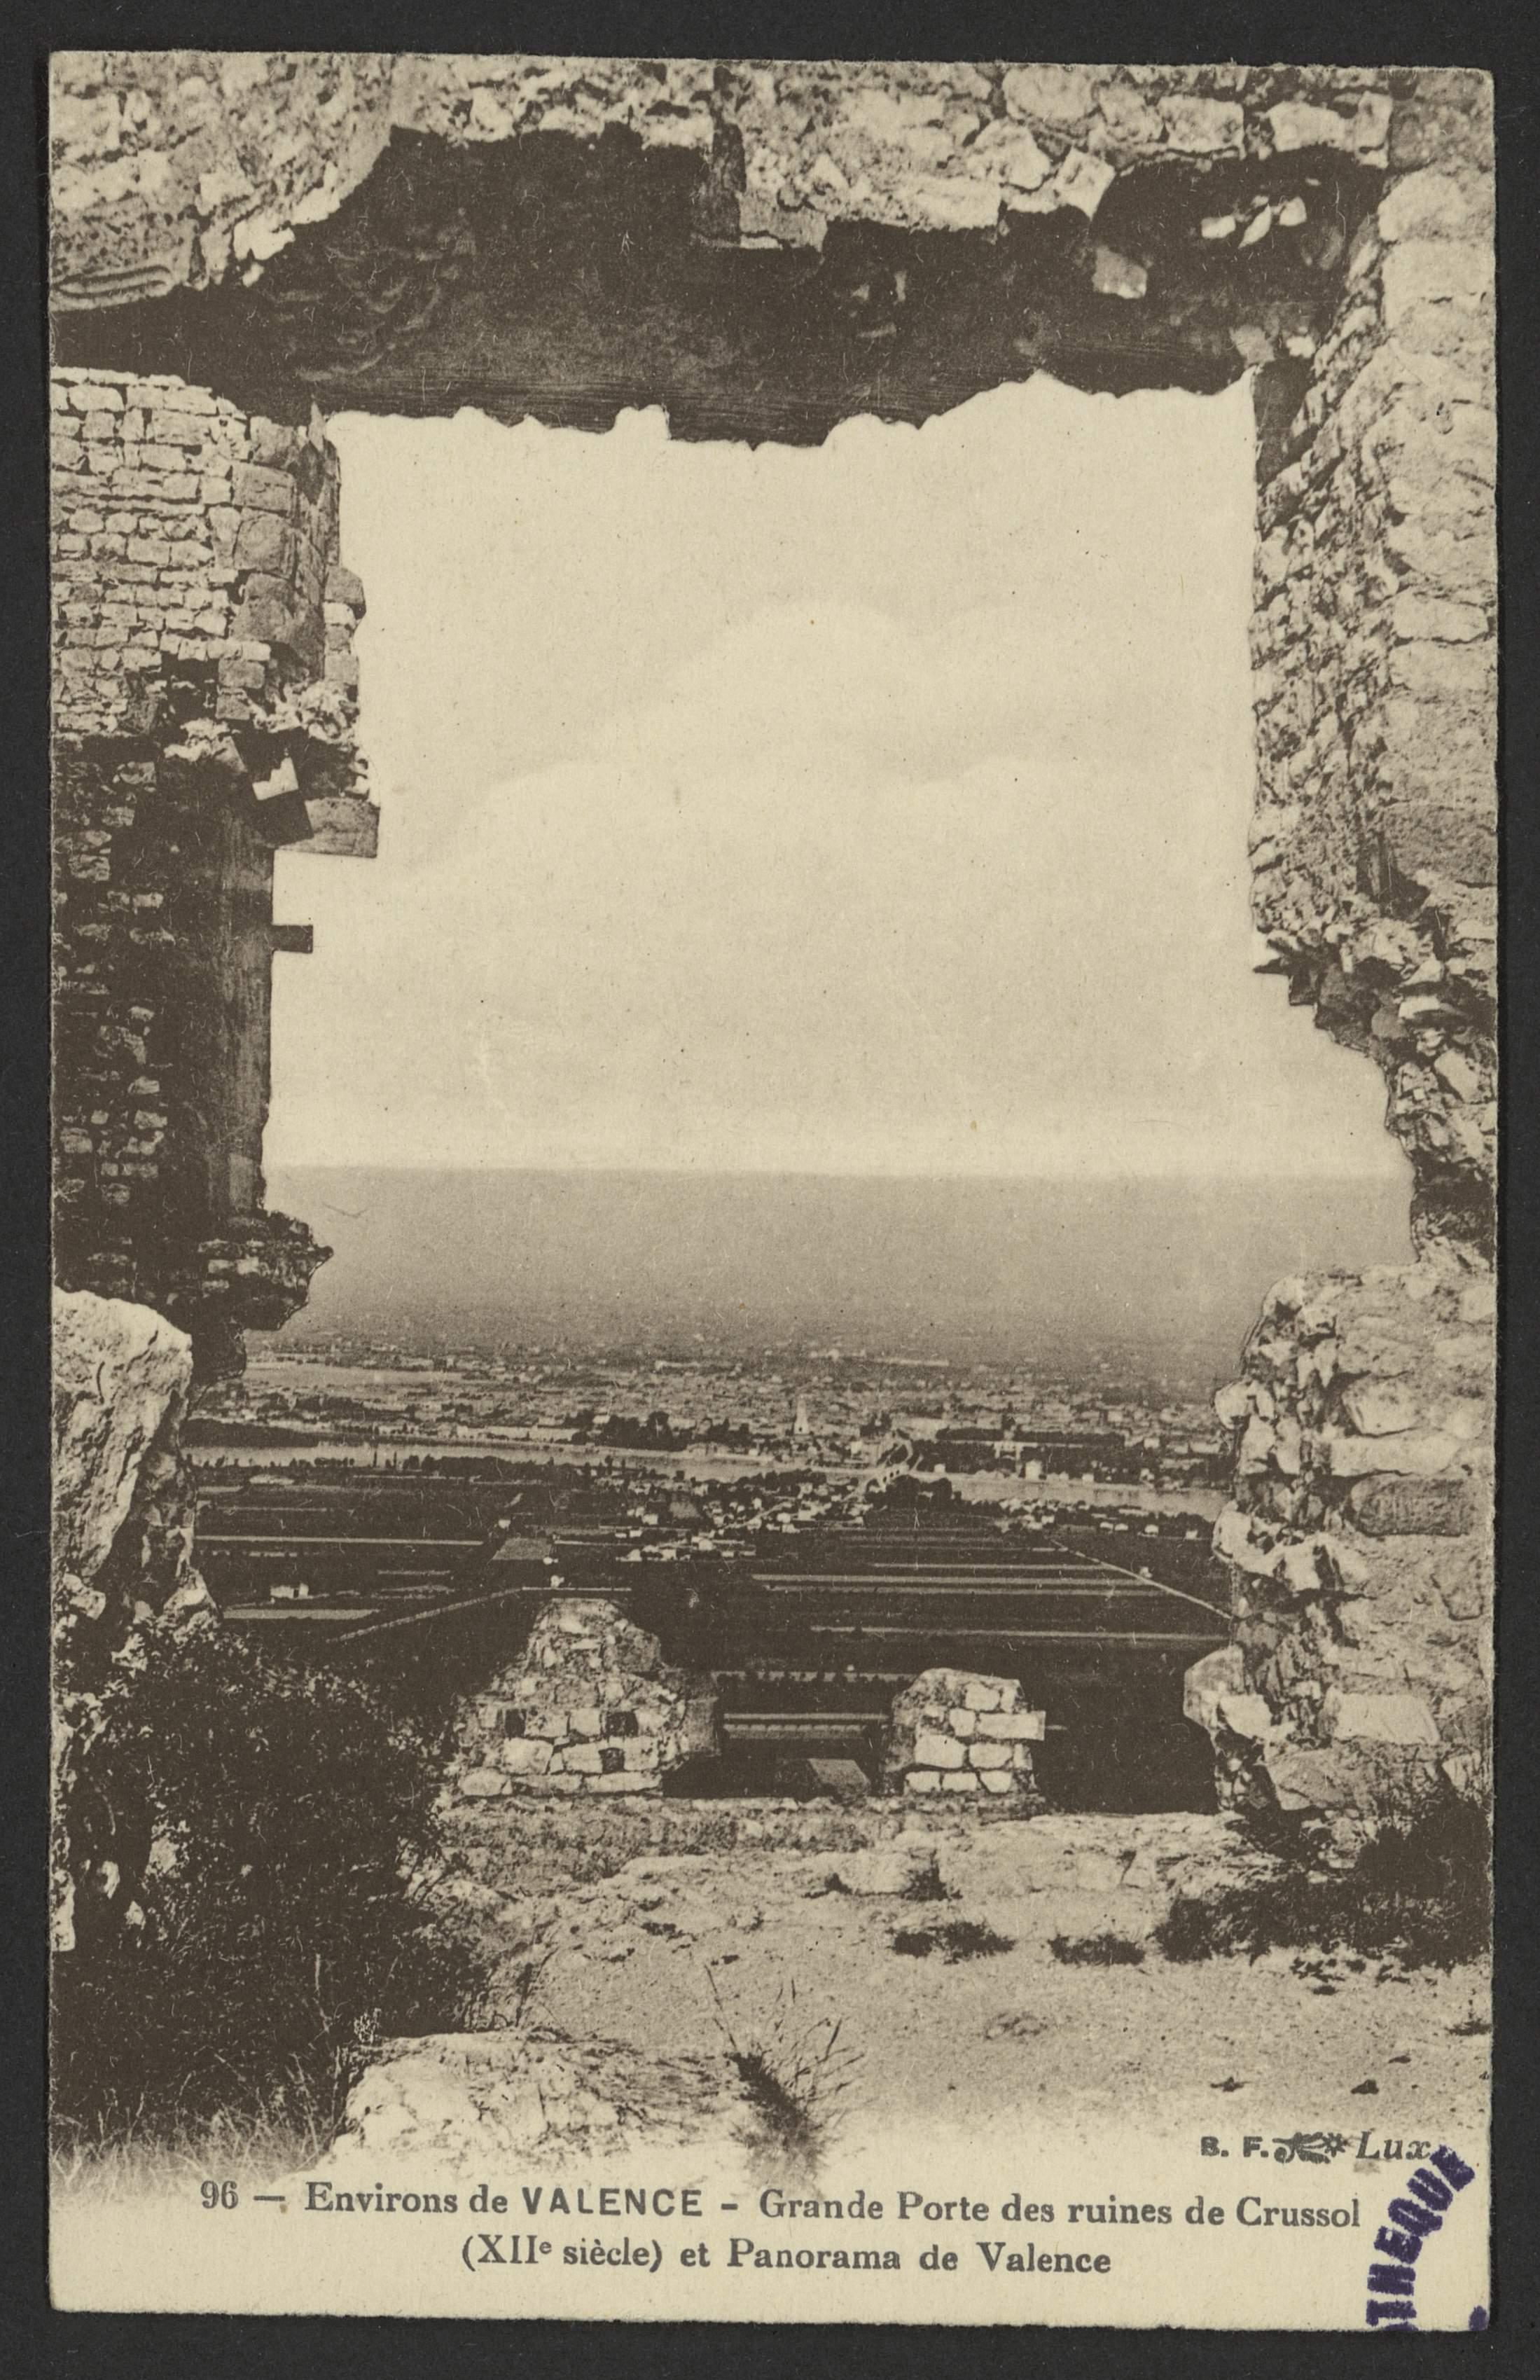 Environs de Valence - Grande Porte des ruines de Crussol (XIIe siècle) et Panorama de Valence